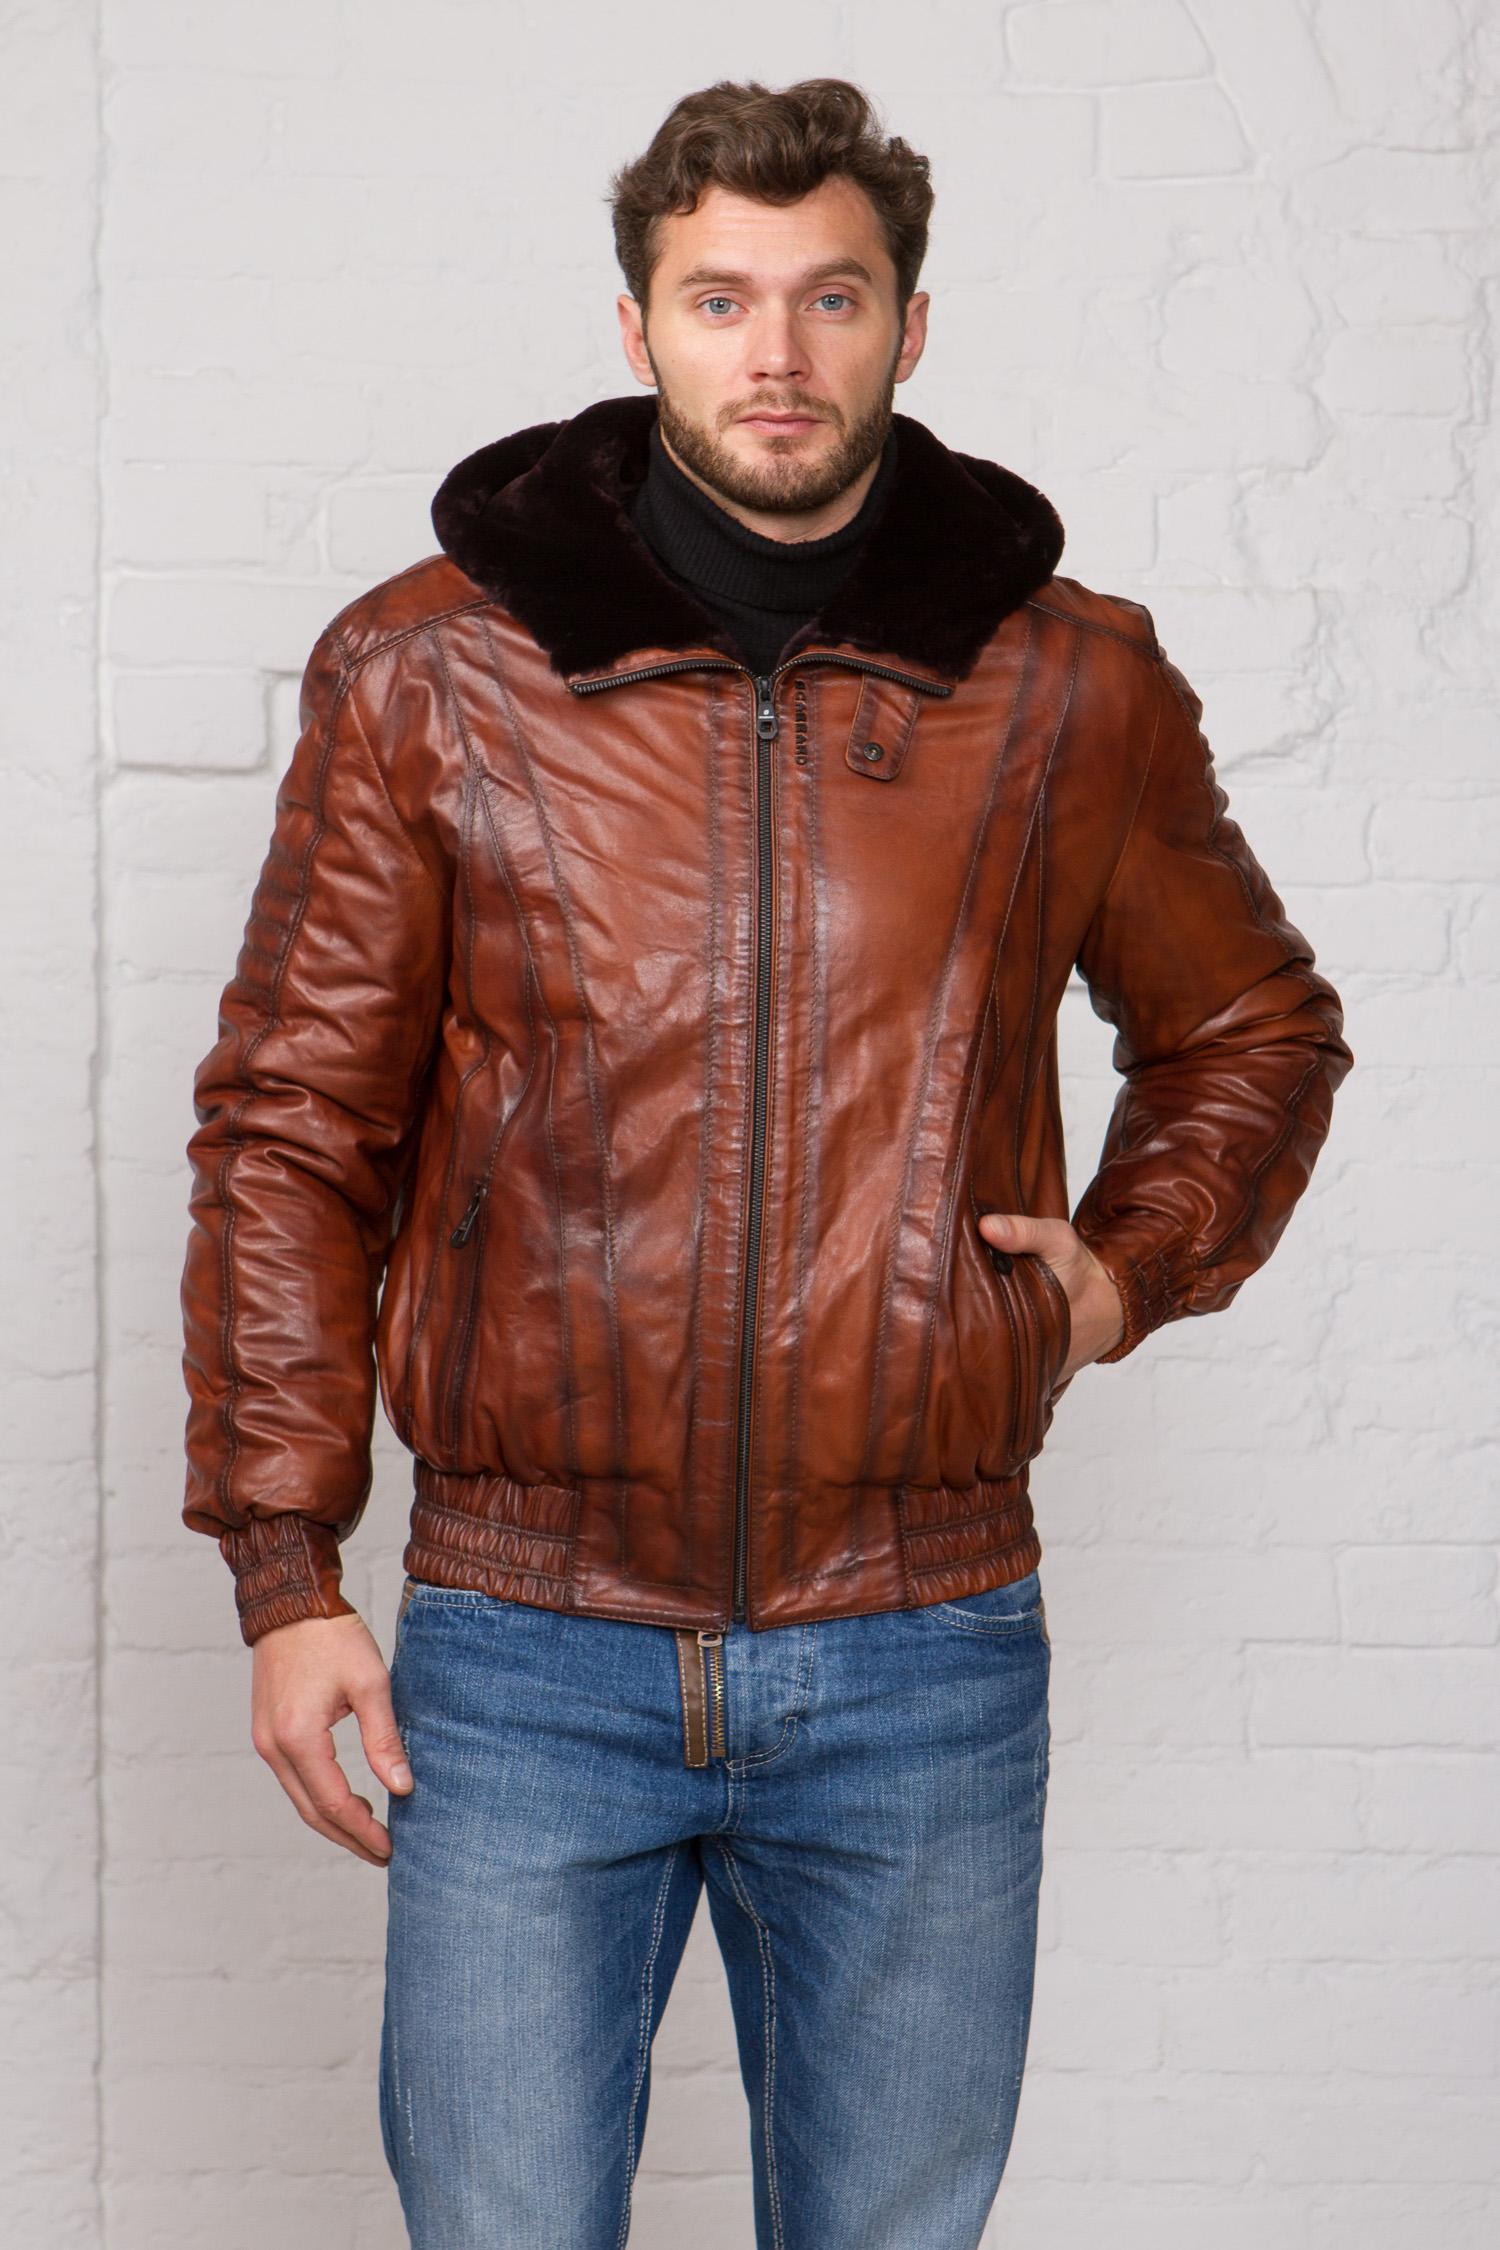 Мужская кожаная куртка из натуральной кожи на меху с капюшоном, без отделки<br><br>Воротник: капюшон<br>Длина см: Короткая (51-74 )<br>Материал: Кожа овчина<br>Цвет: коричневый<br>Вид застежки: центральная<br>Застежка: на молнии<br>Пол: Мужской<br>Размер RU: 58